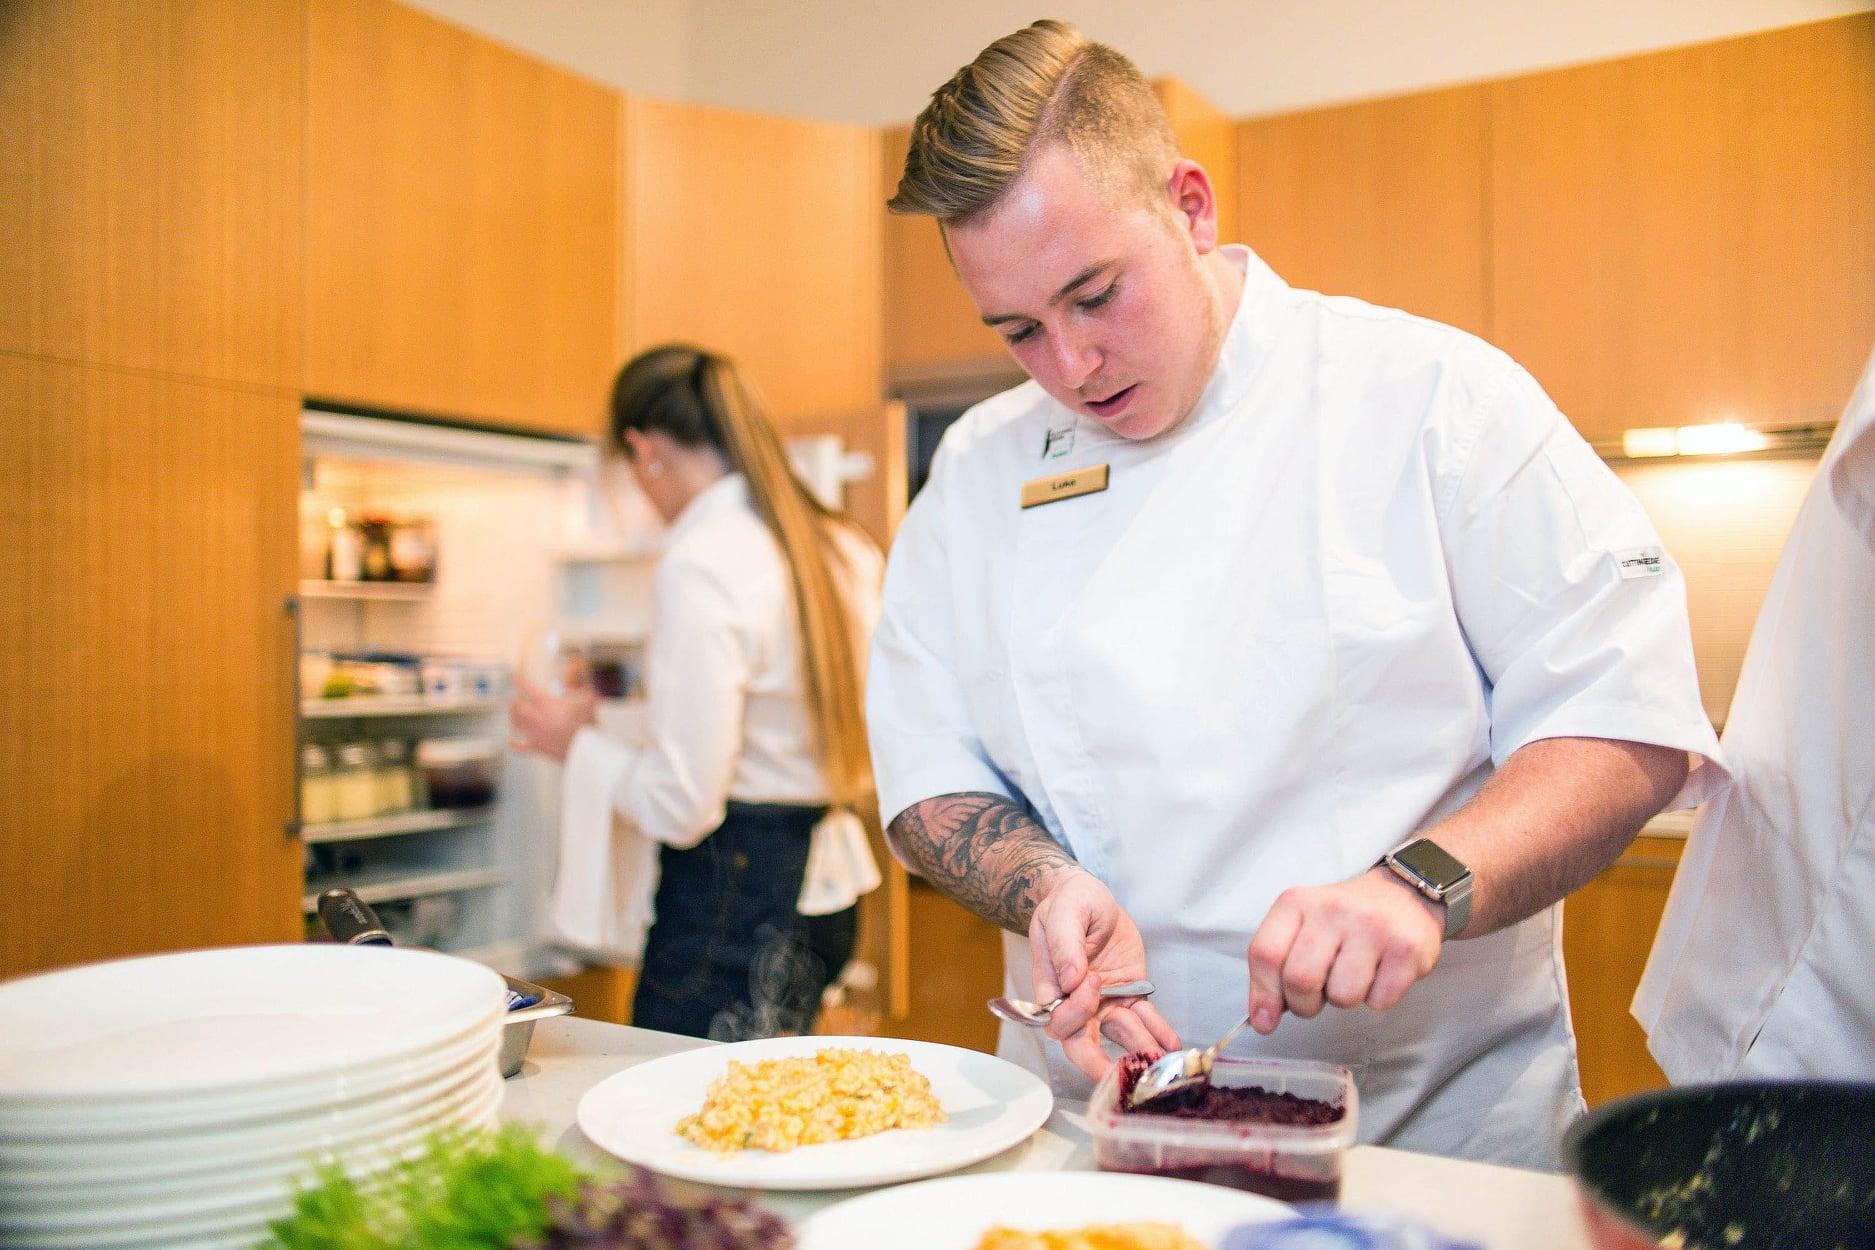 Chef Luke F